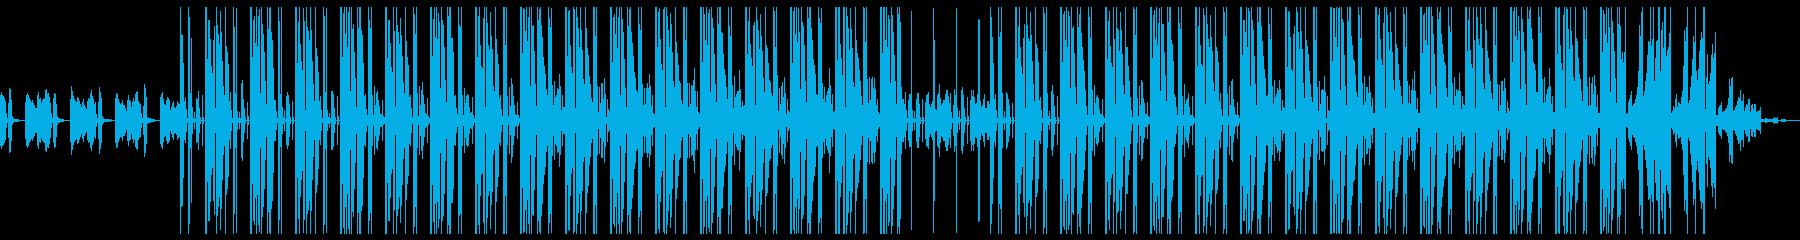 レトロ 切ない ヒップホップ ビートの再生済みの波形